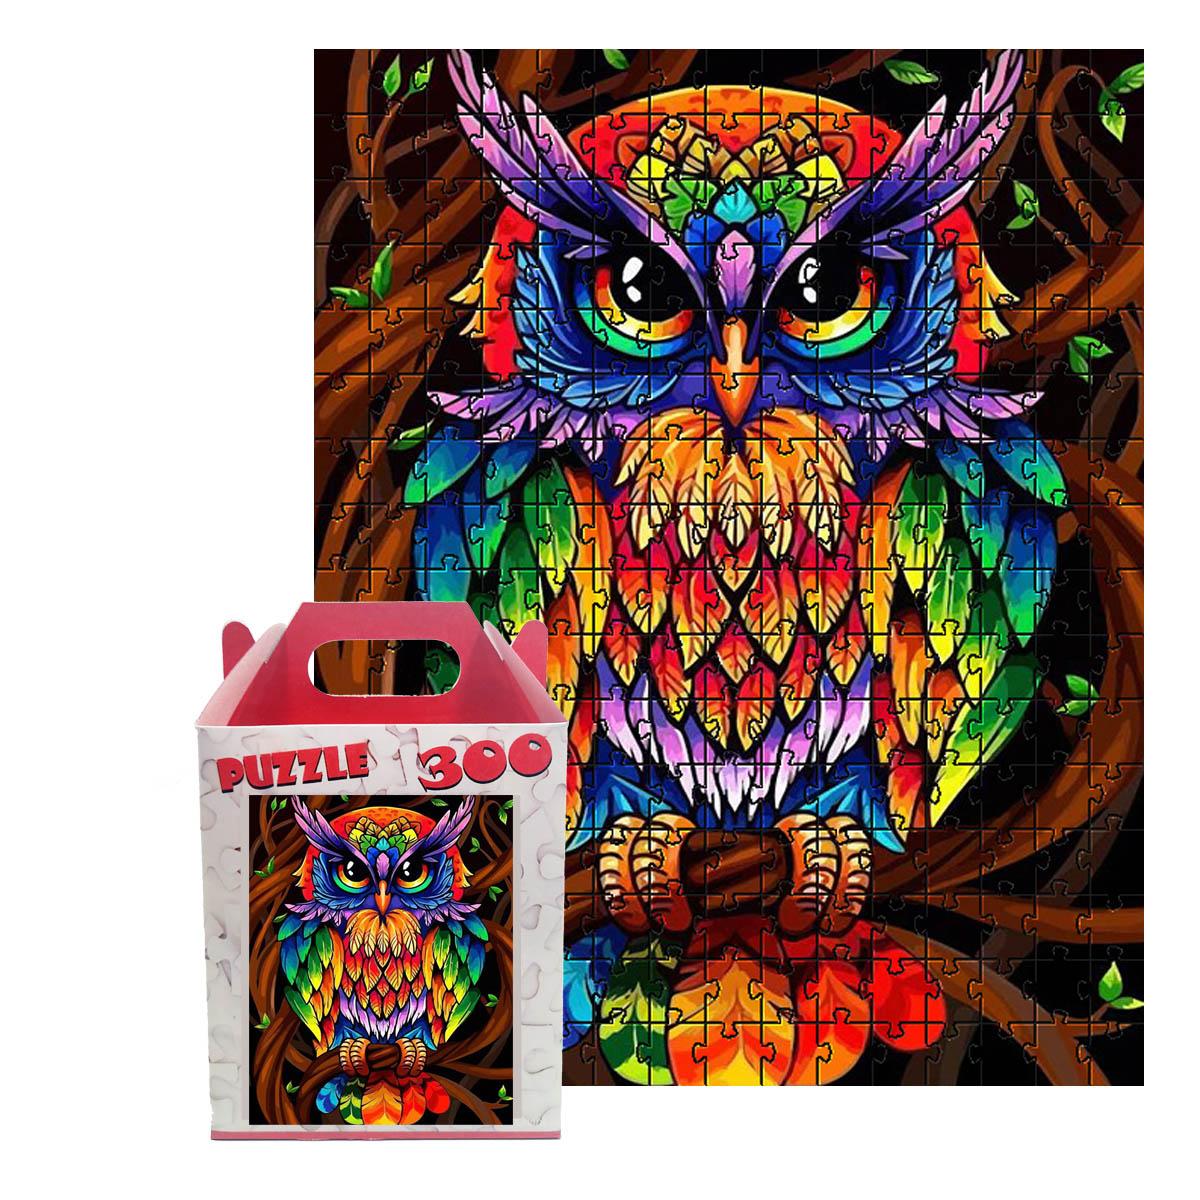 Quebra-cabeça Coruja Colorida Puzzle de 300 peças